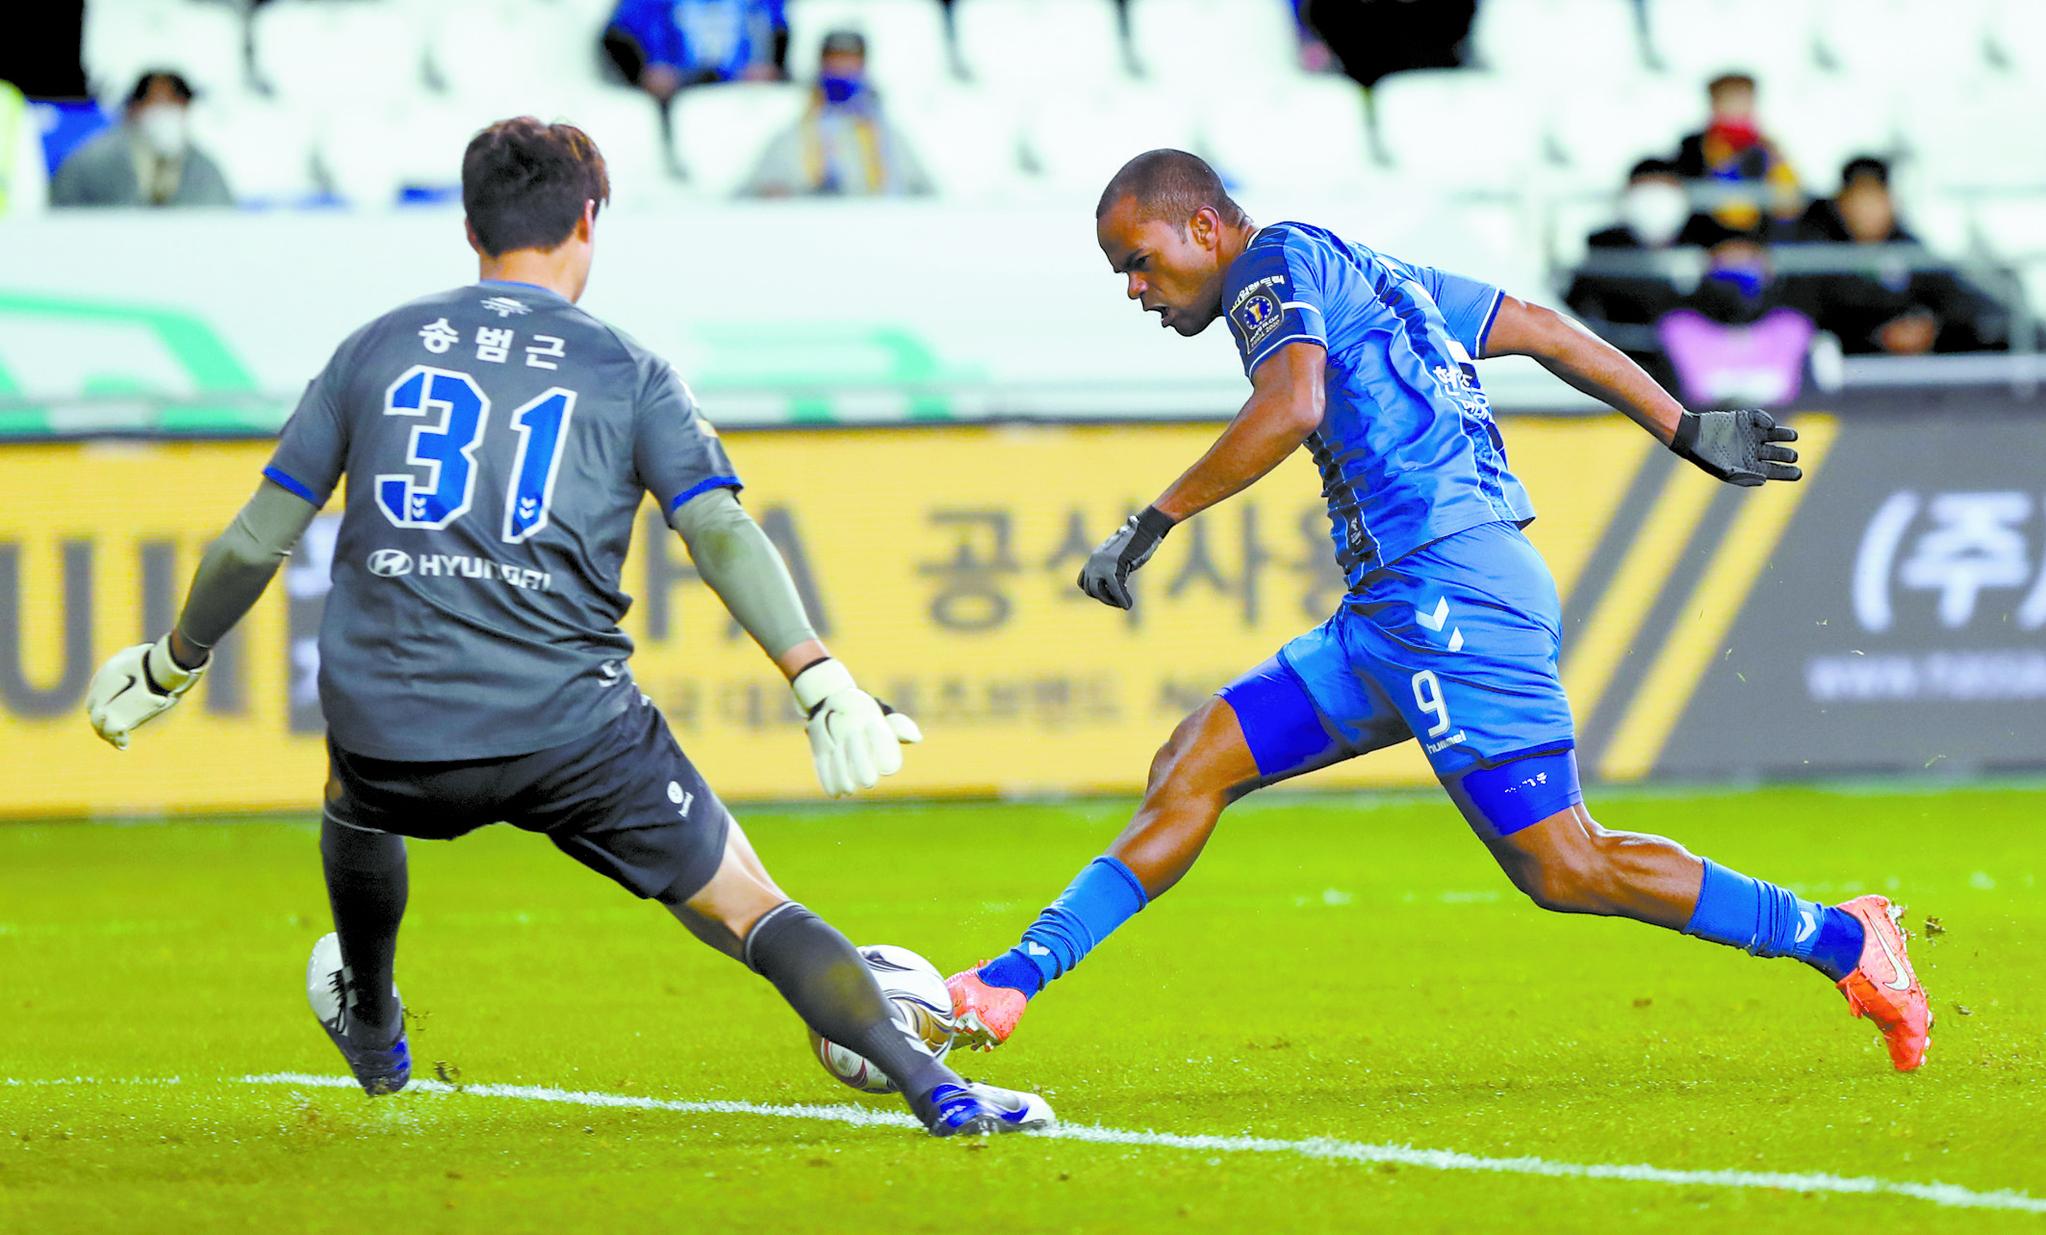 울산 주니오(오른쪽)가 4일 전북과 FA컵 결승 1차전에서 후반 15분 동점골을 넣고 있다. [연합뉴스]